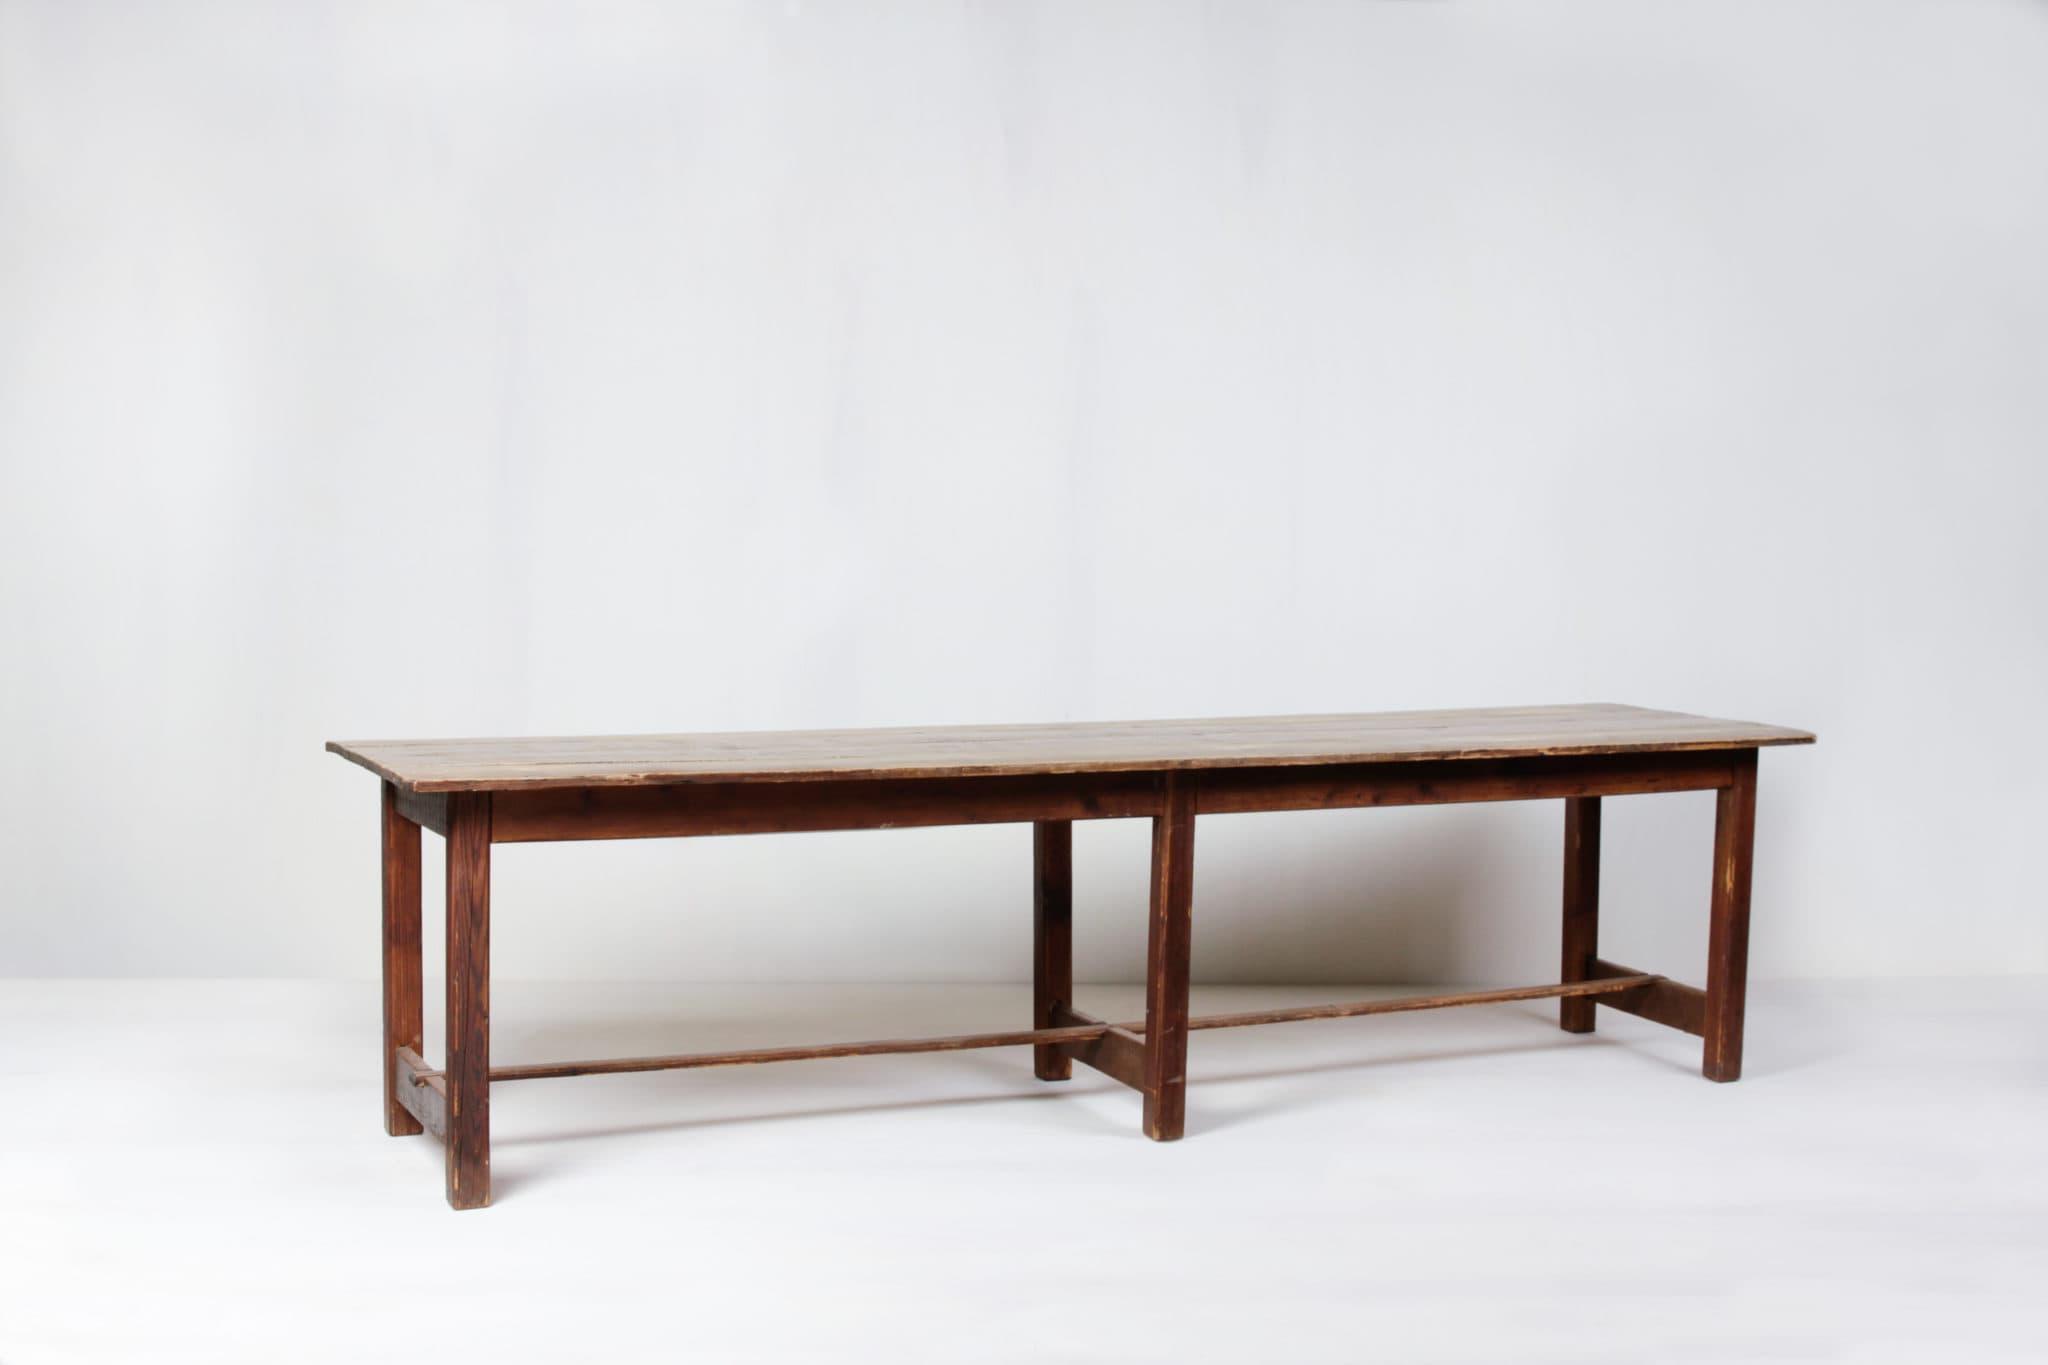 Mietmöbel Berlin, Verleih von Tischen, Bänken, Stühlen und Dekorationselementen